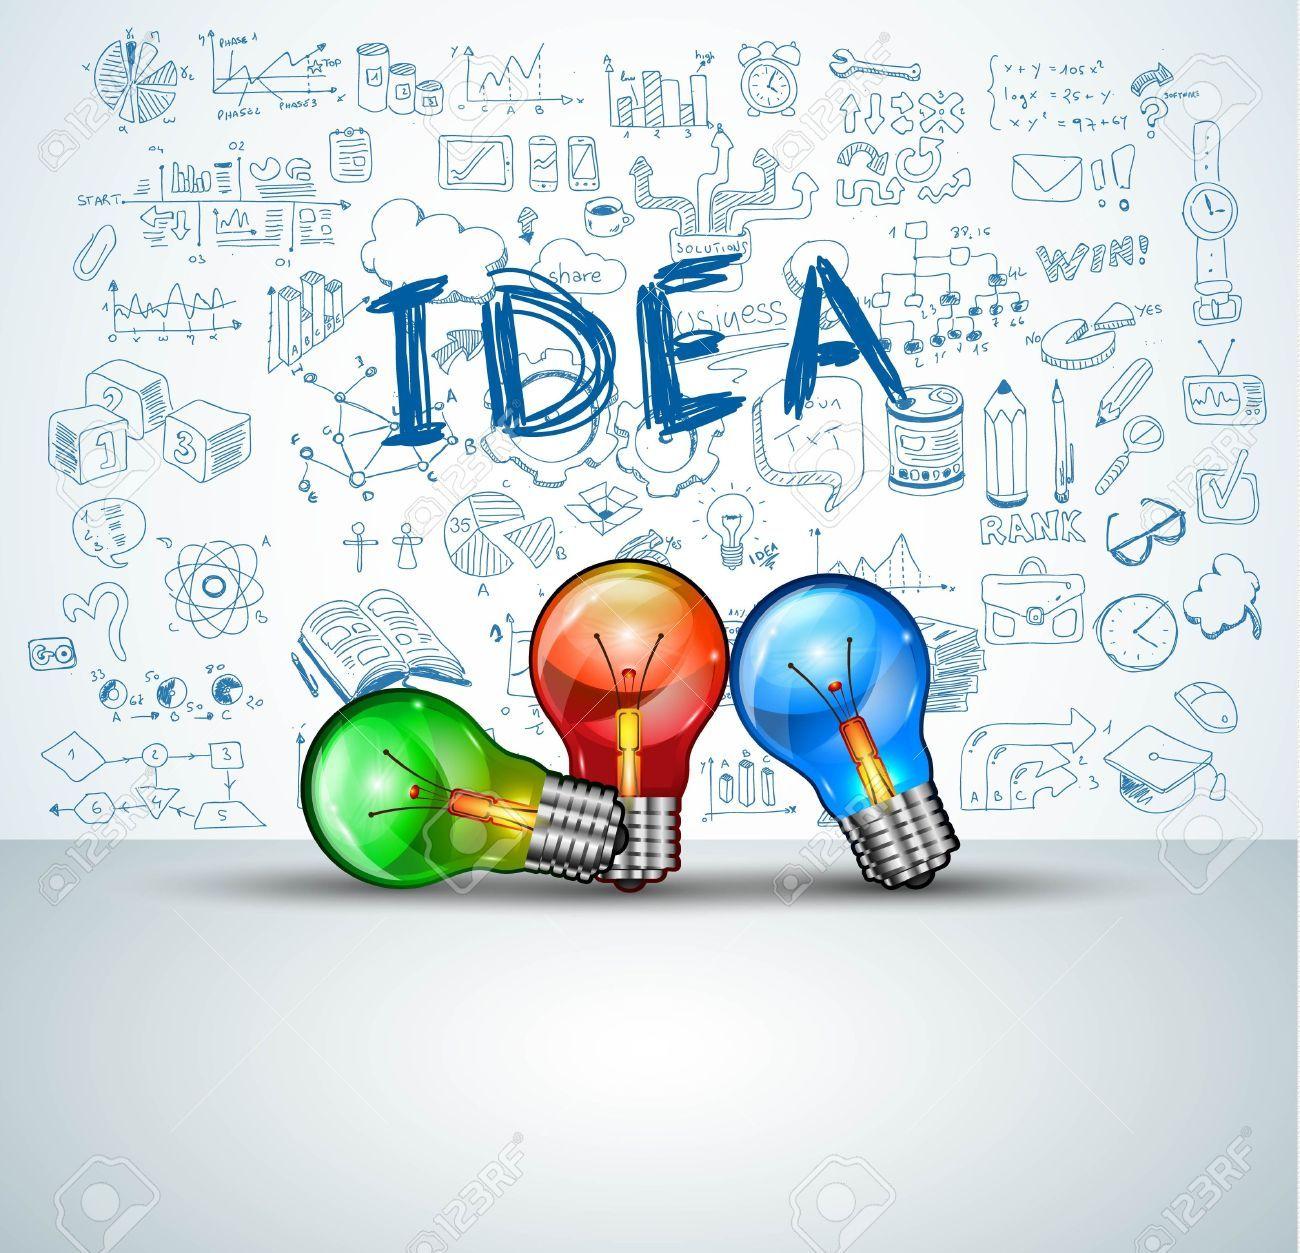 Dise o de infograf a de lluvia de ideas concepto de fondo for Ideas para diseno grafico